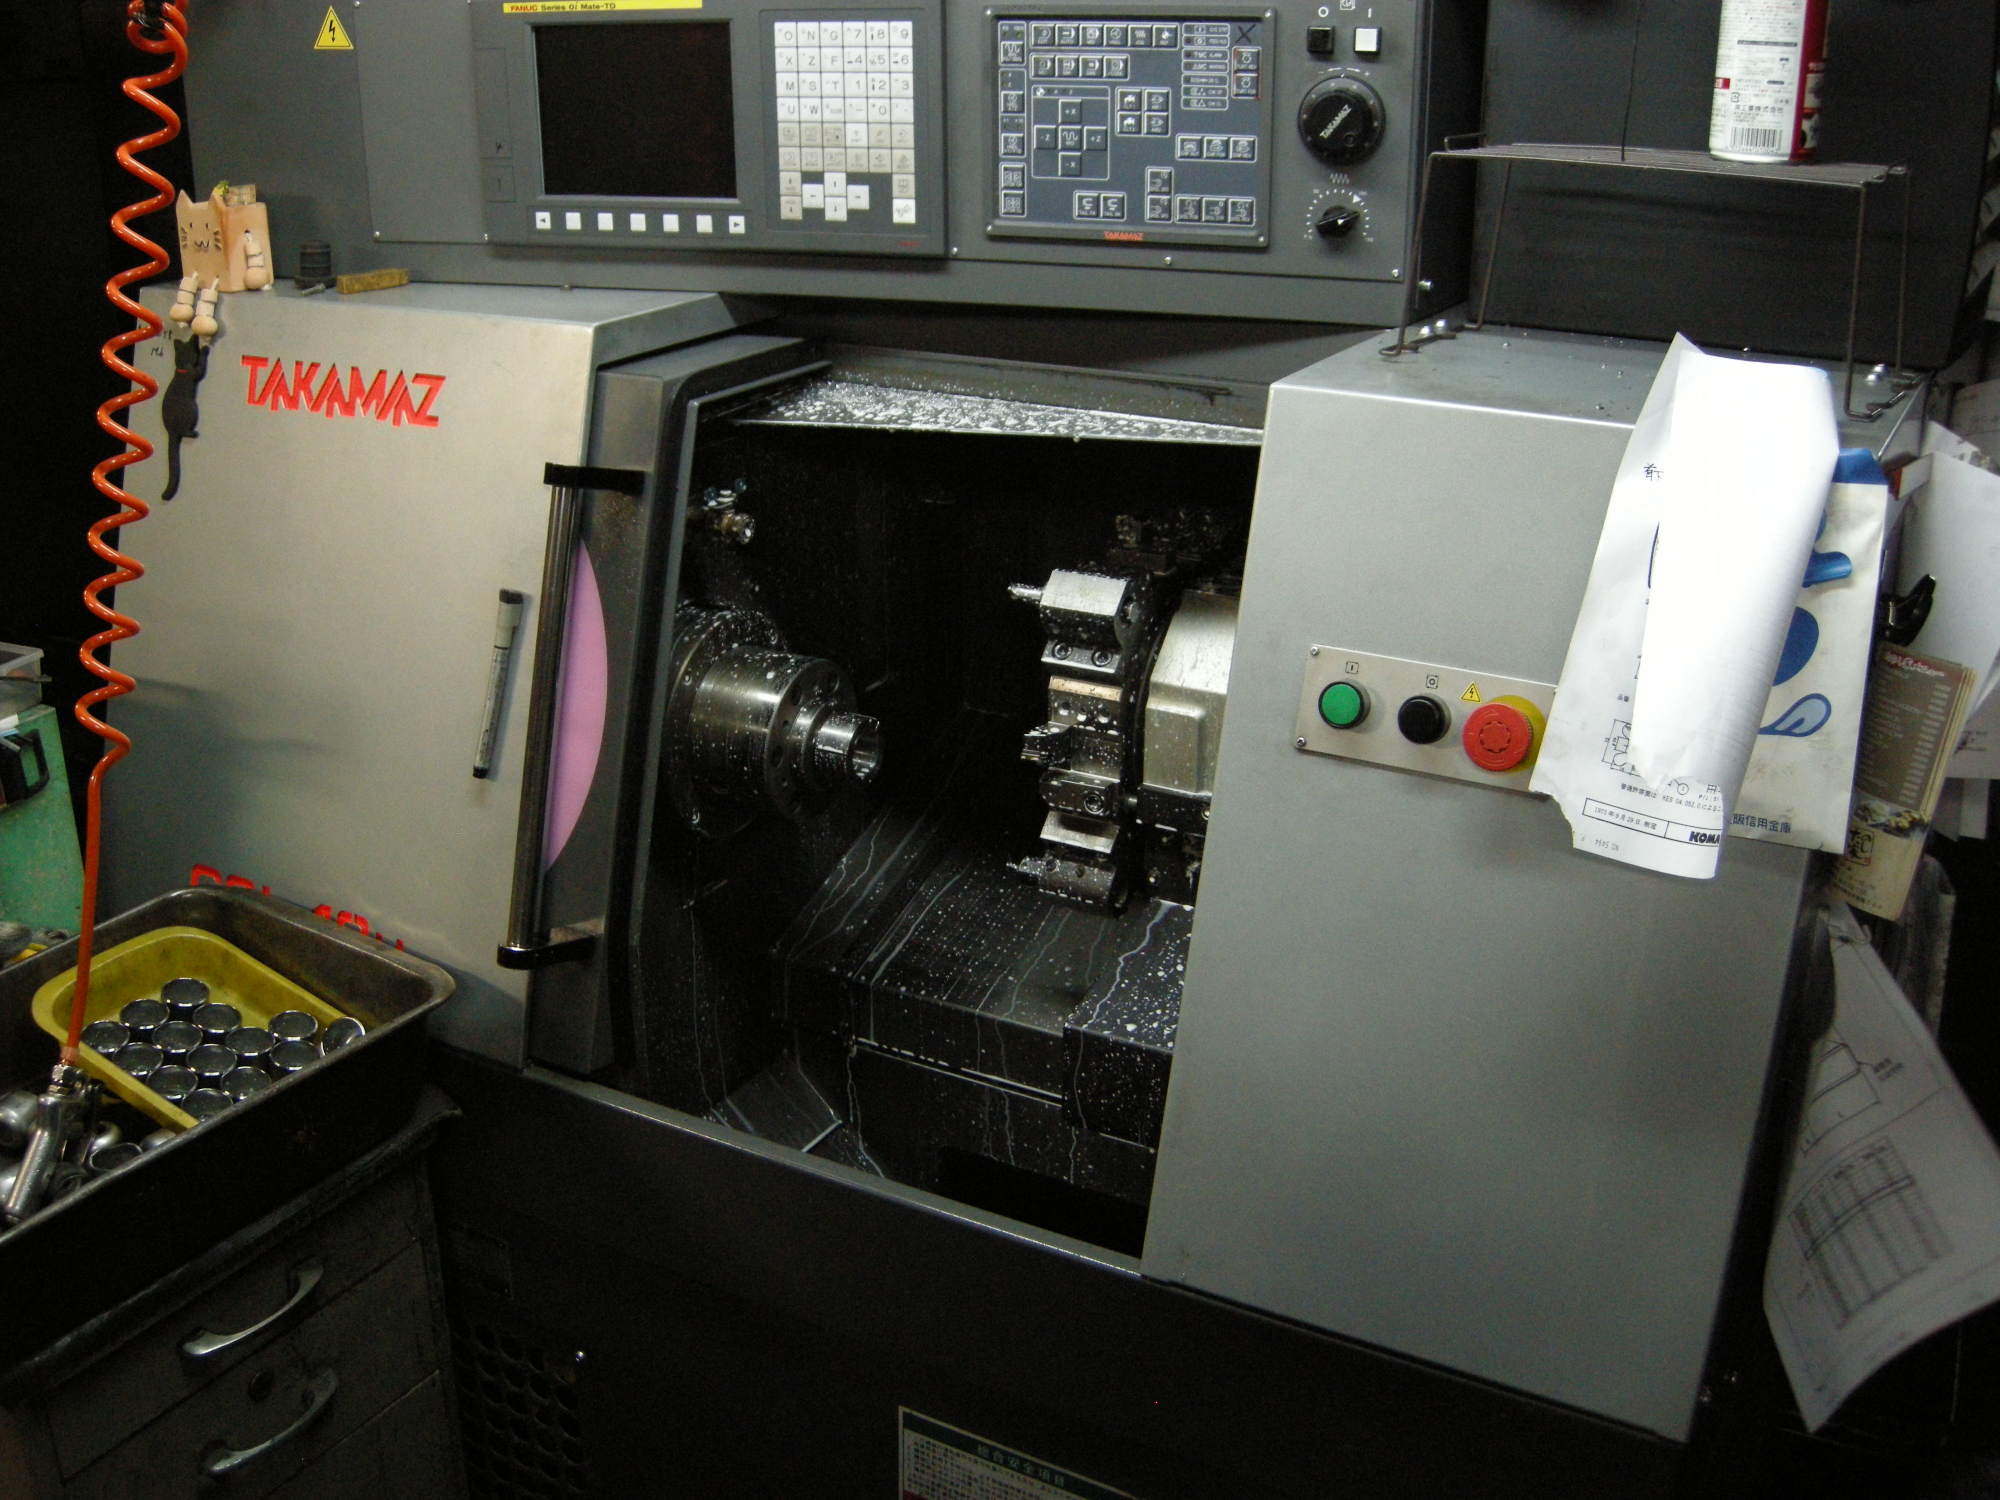 滝澤 TCN-2600